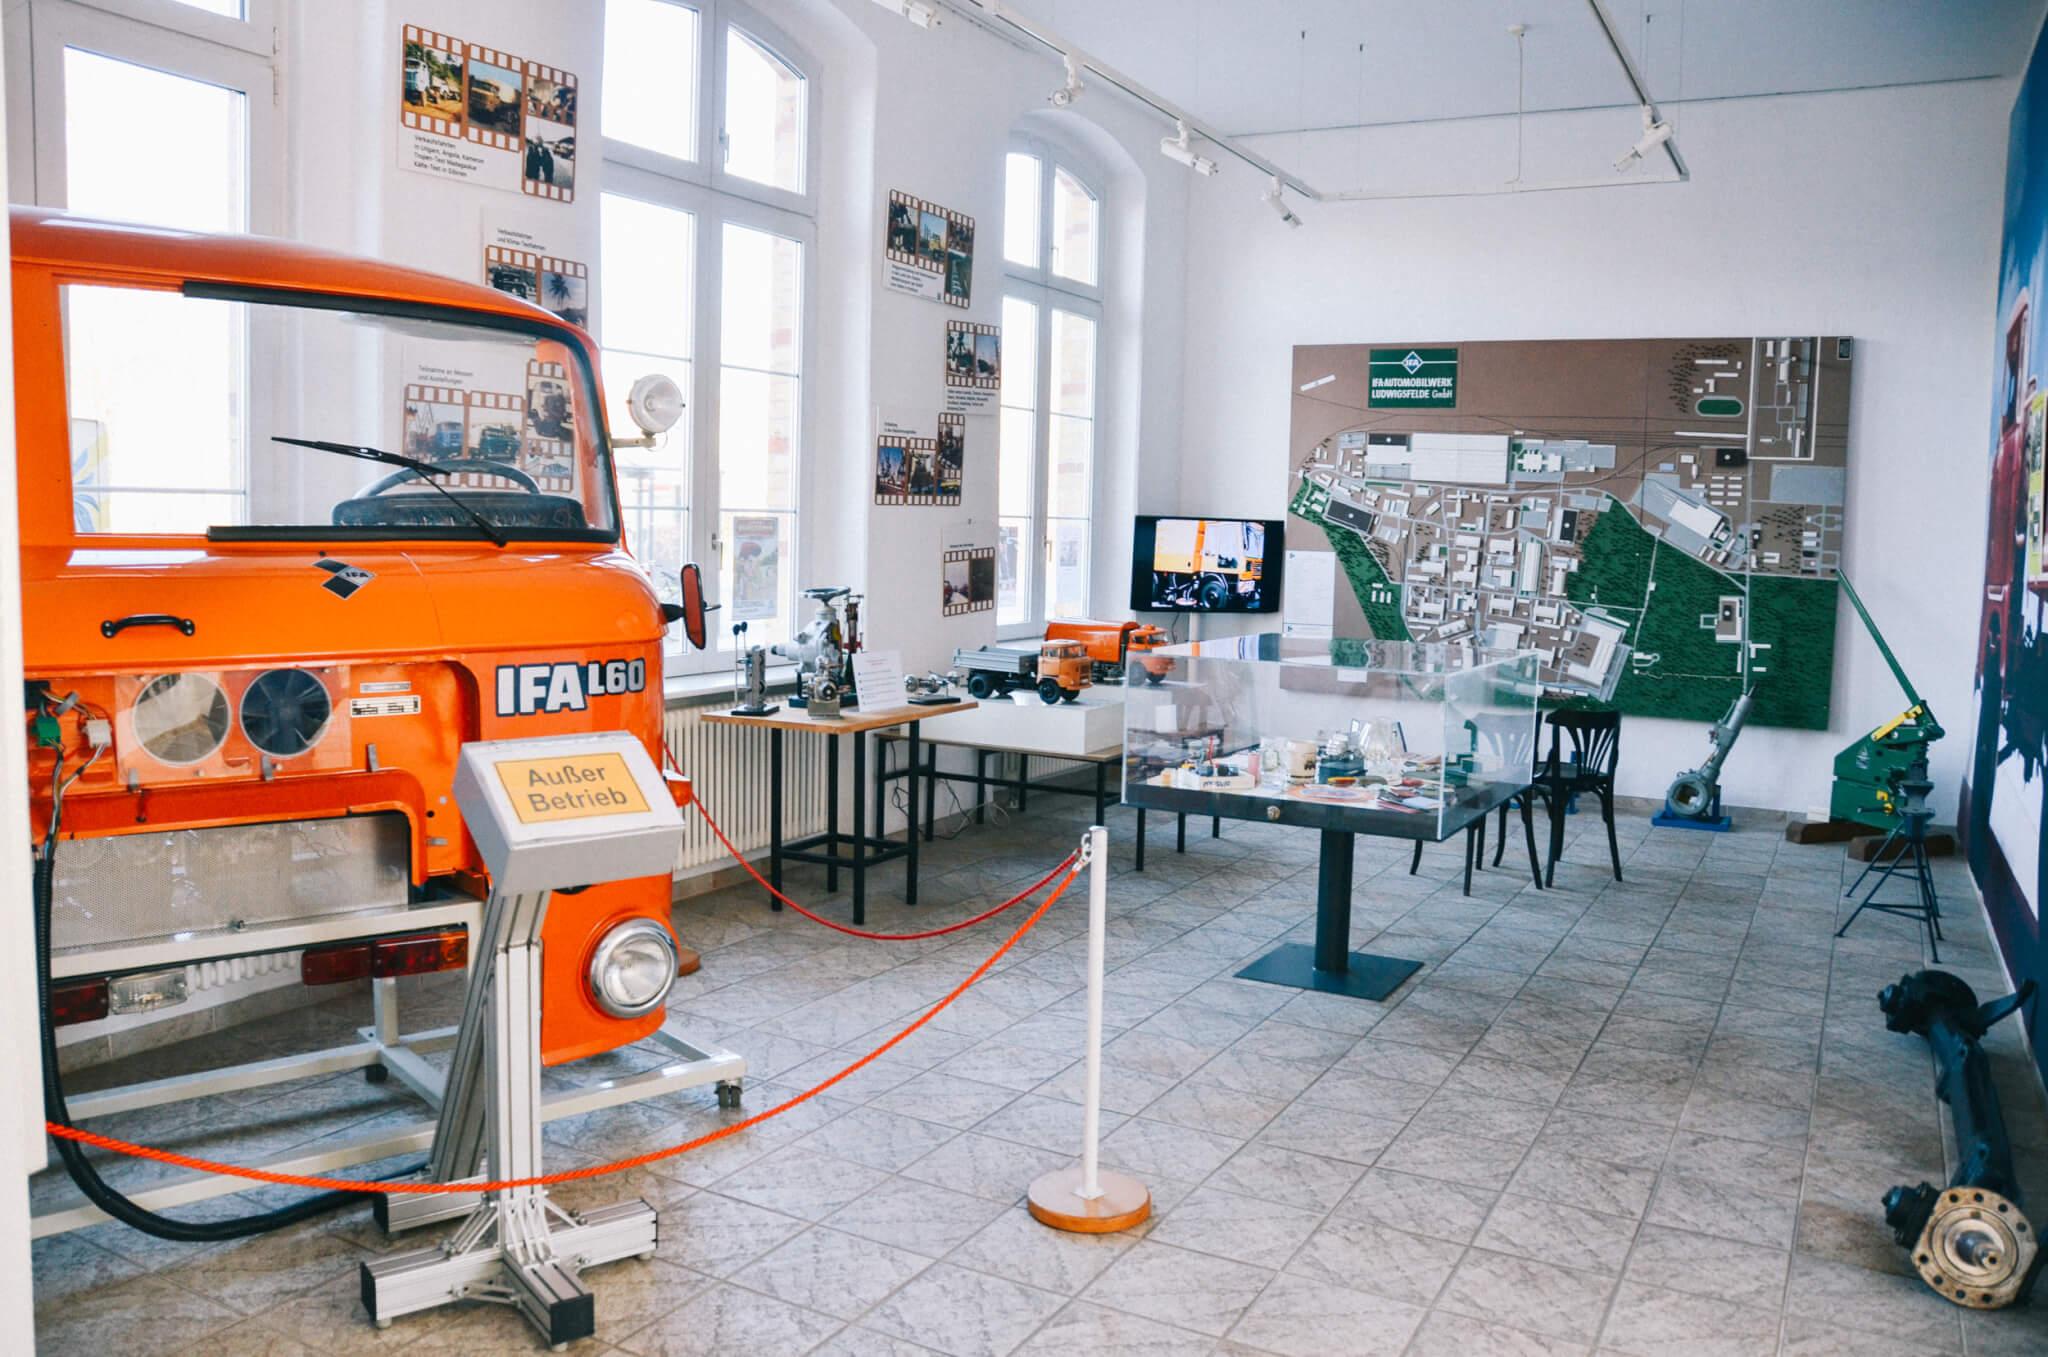 Museum Ludwigsfelde-6198